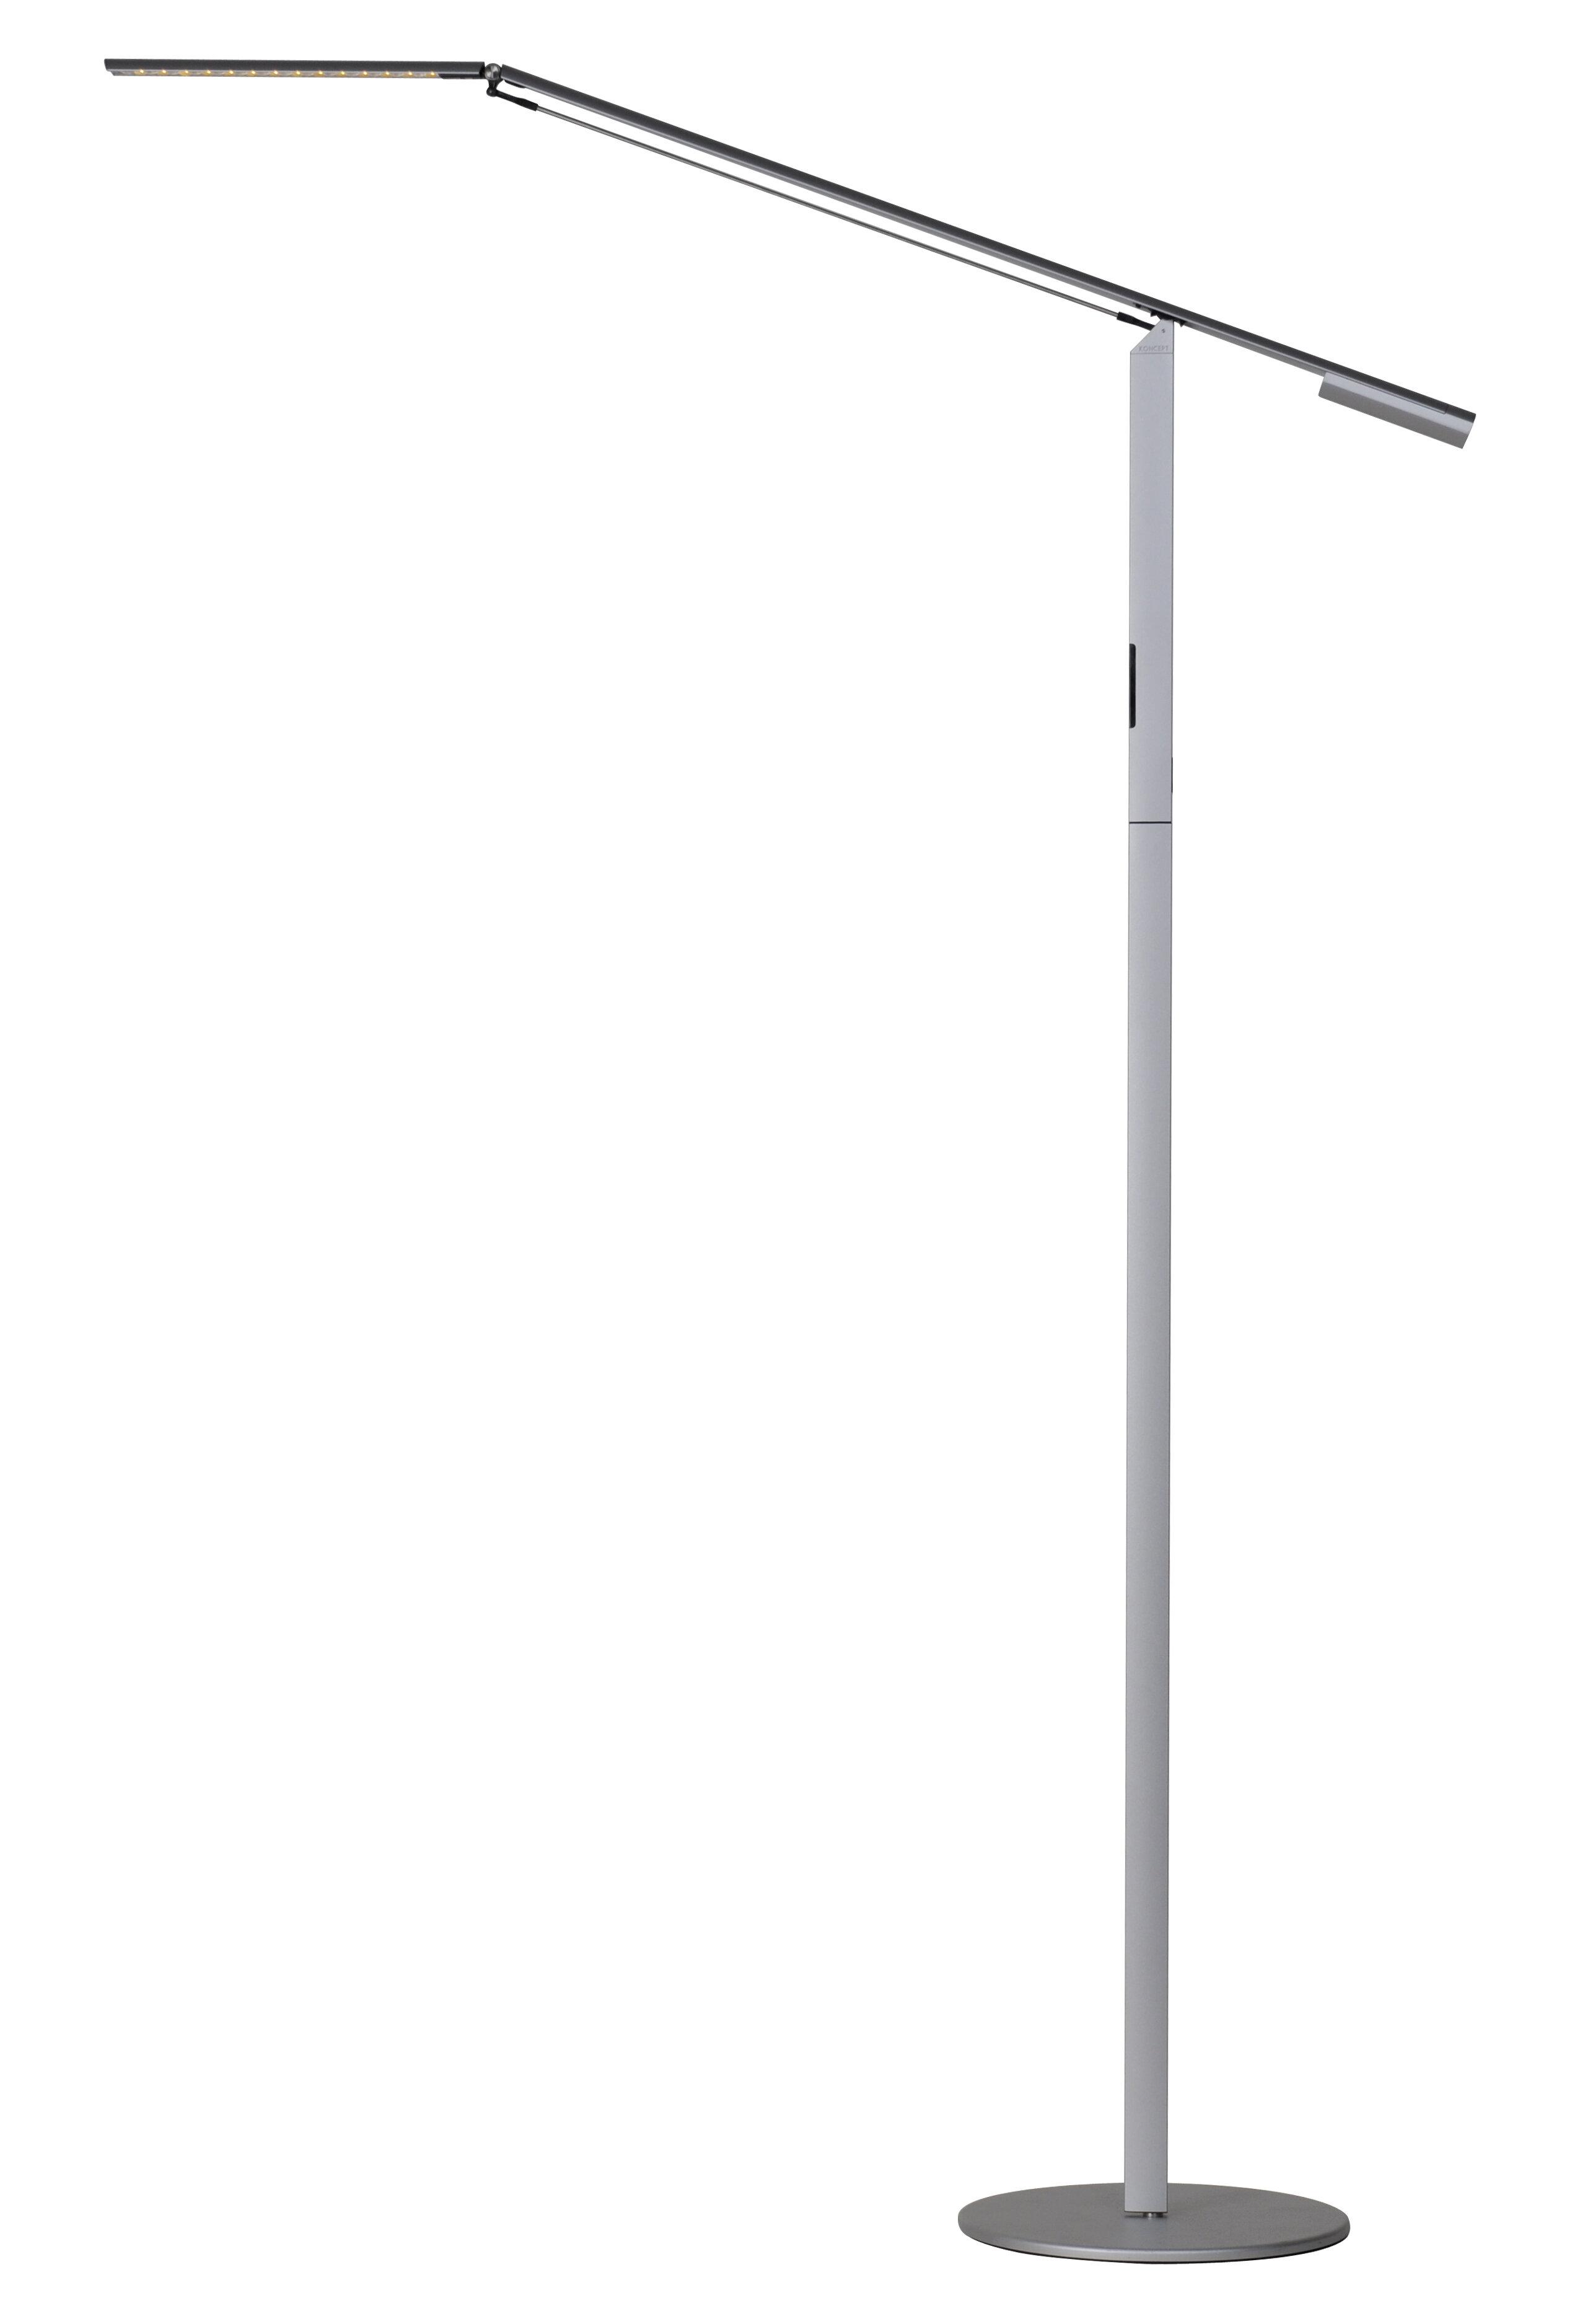 Equo 4475 led task floor lamp reviews allmodern aloadofball Gallery